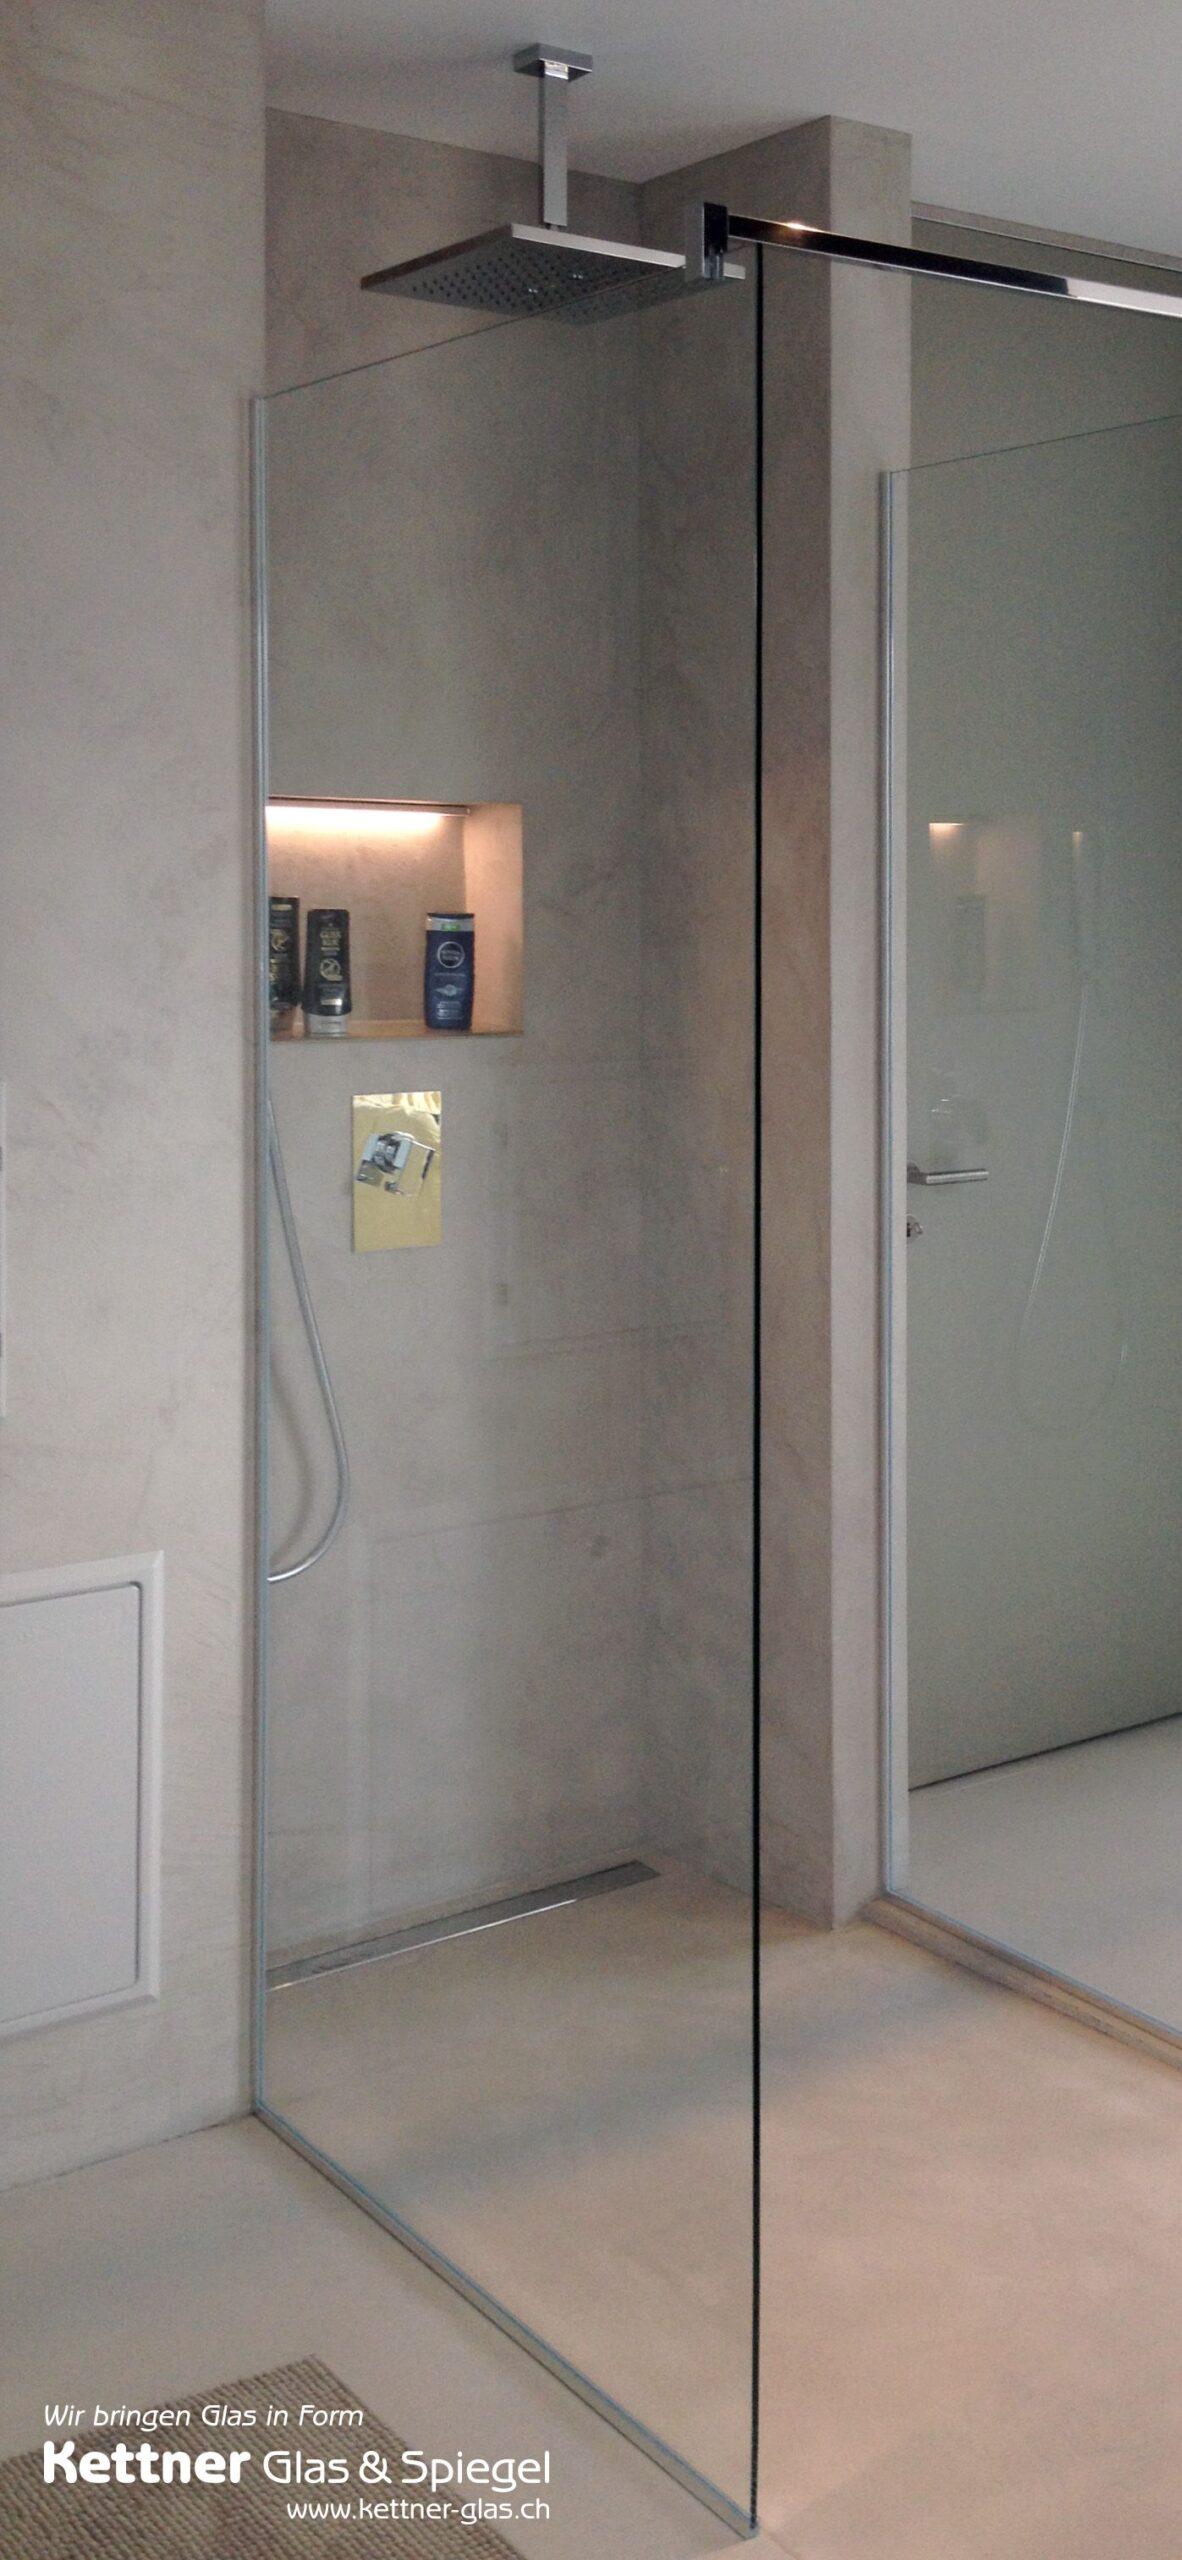 Full Size of Glastrennwand Dusche Glasduschwand Mit Schlichter Moderne Duschen Unterputz Armatur Eckeinstieg Schiebetür Sprinz Begehbare Fliesen Glasabtrennung Badewanne Dusche Glastrennwand Dusche